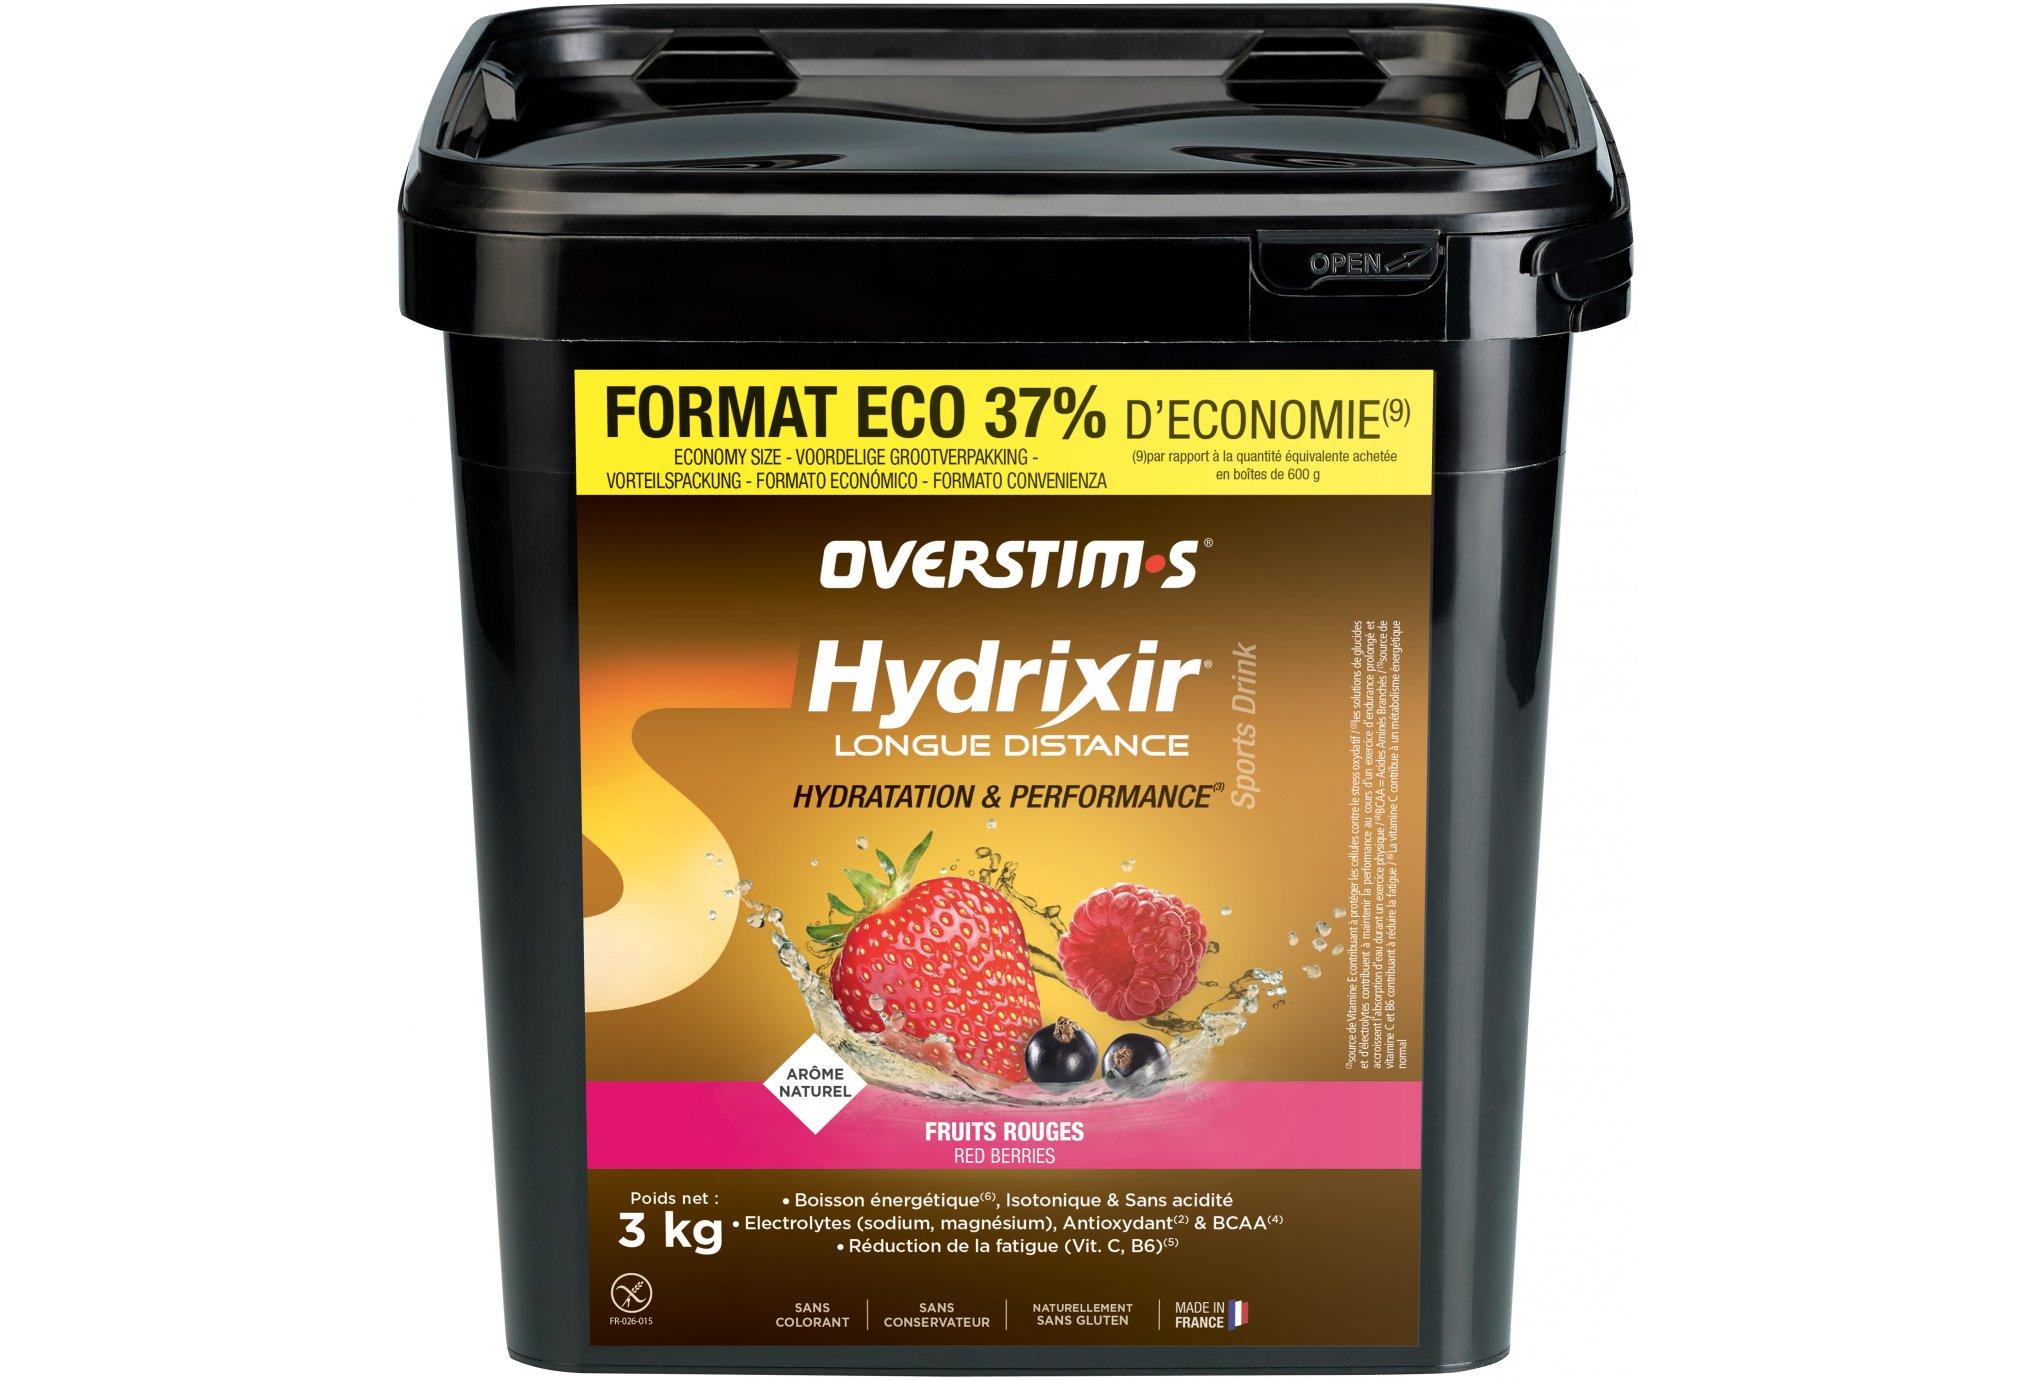 OVERSTIMS Hydrixir Longue Distance 3 kg - Fruits rouges Diététique Boissons